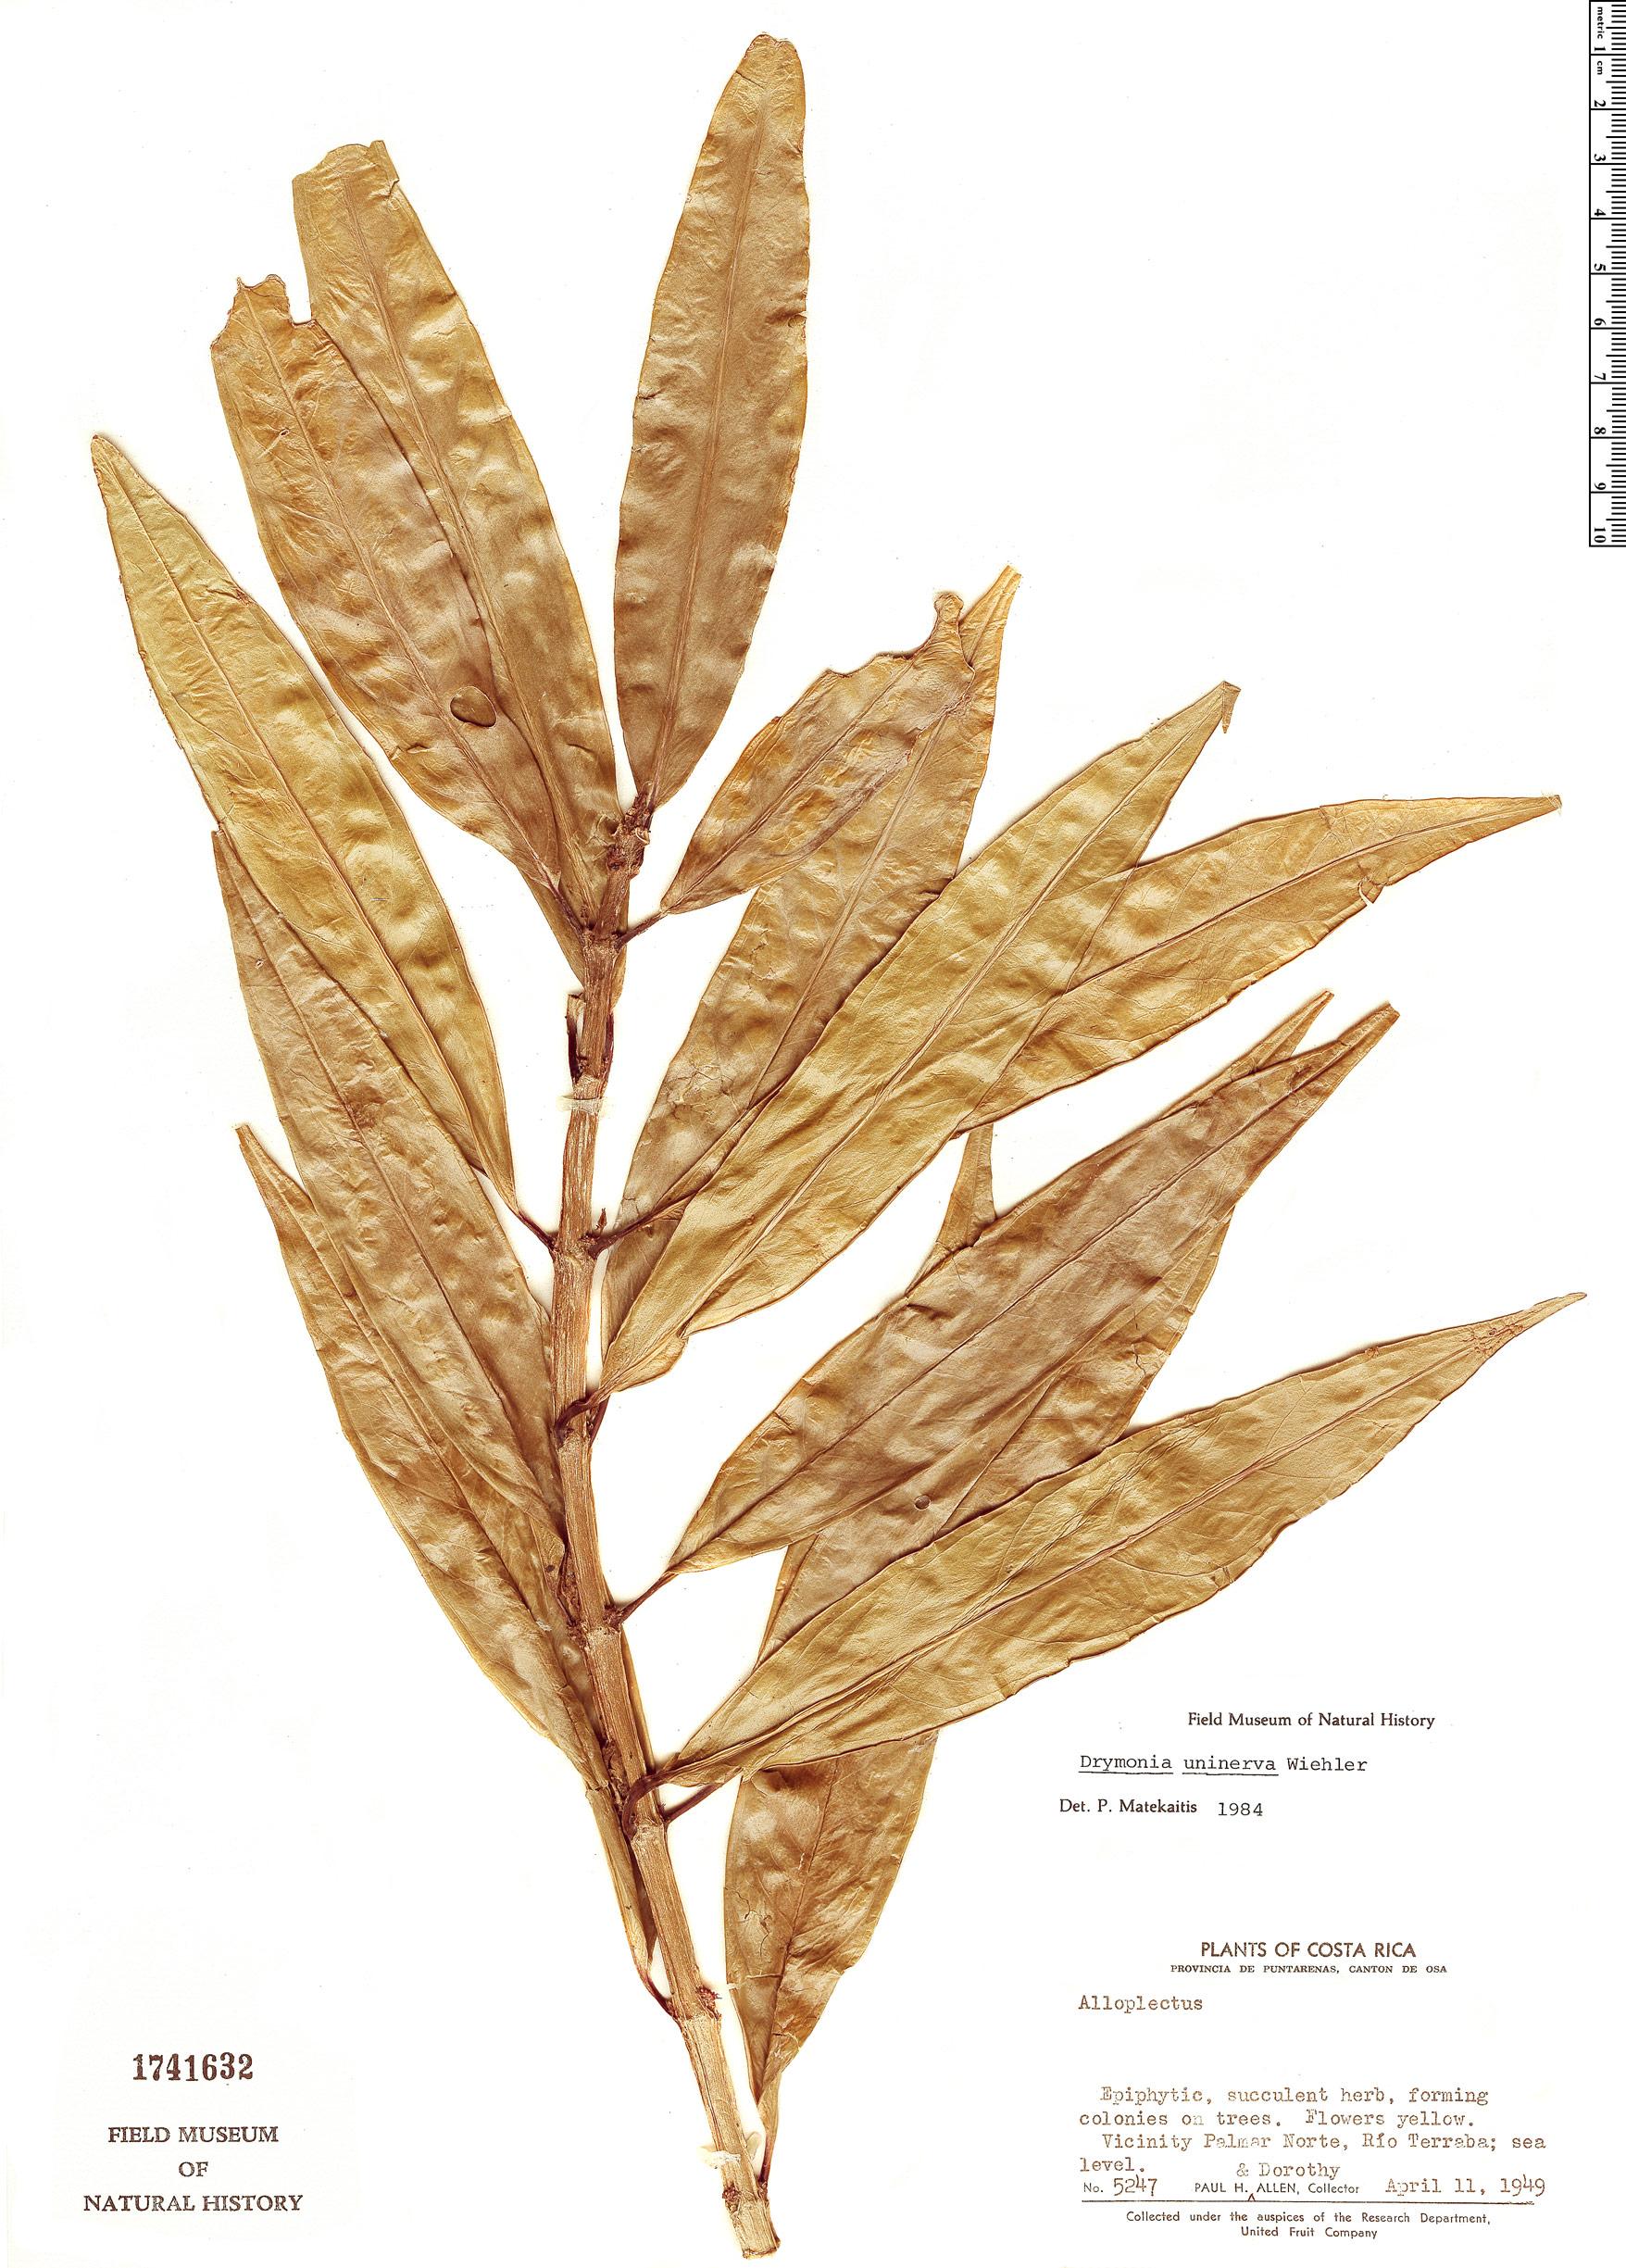 Espécime: Drymonia uninerva